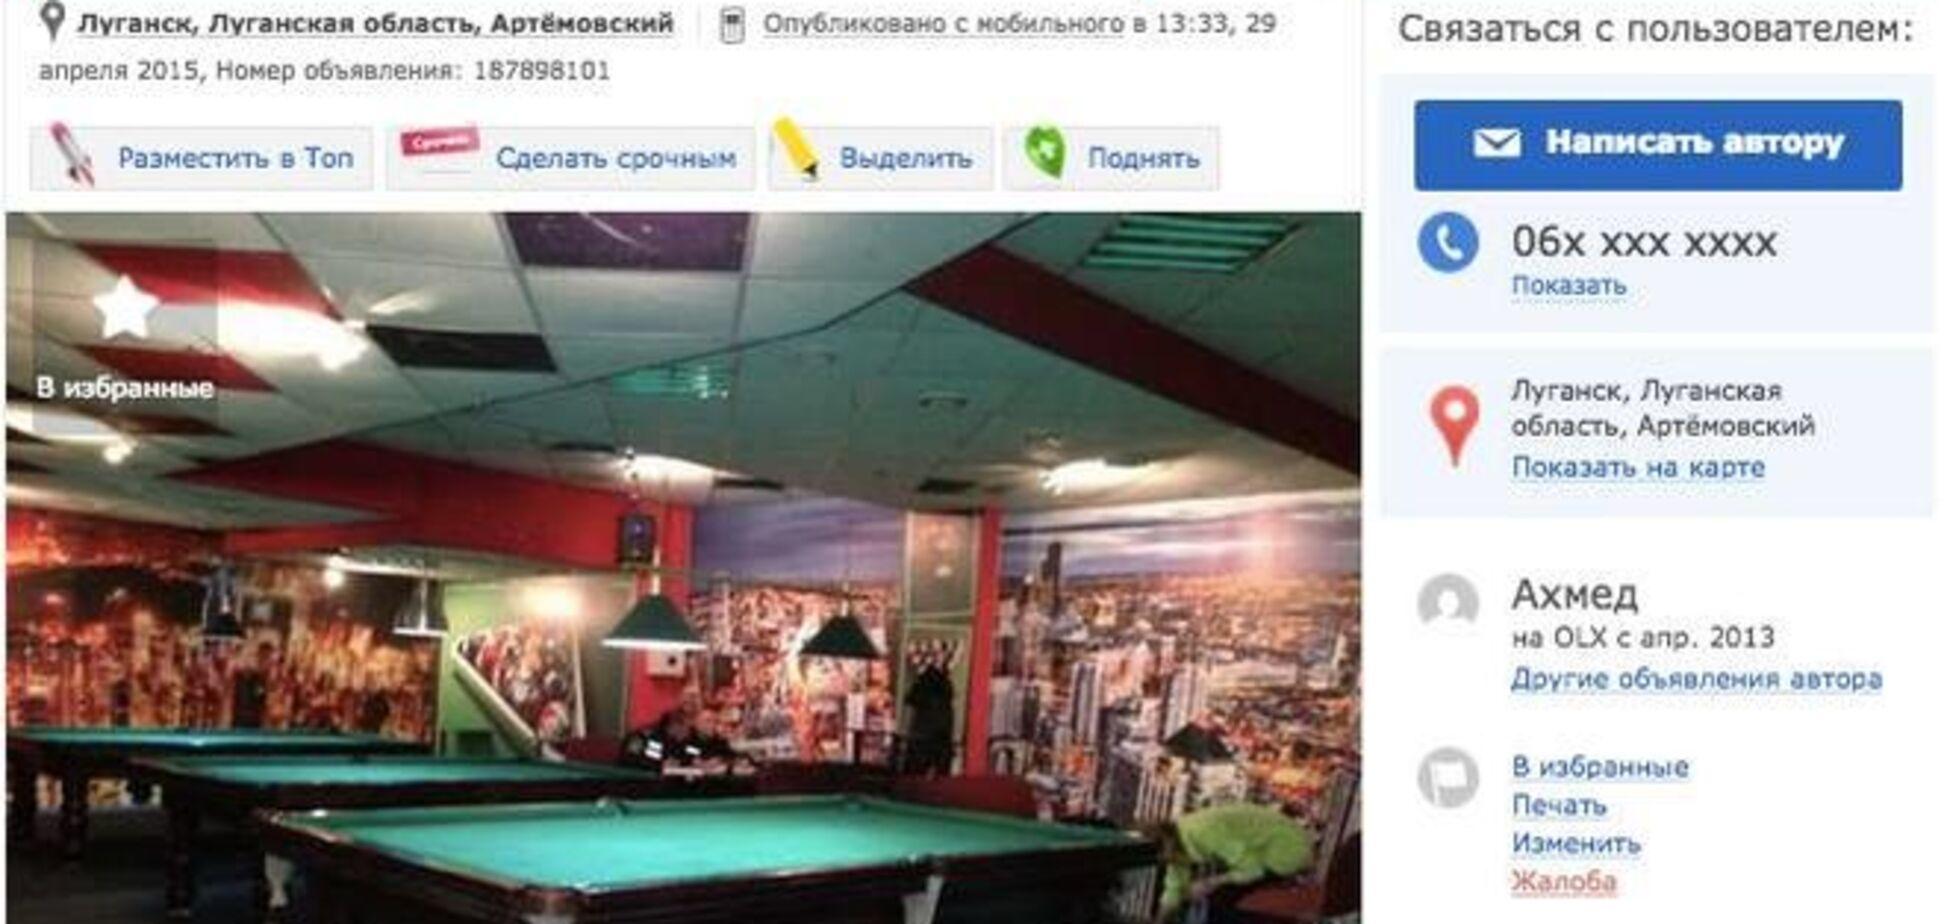 'Прадам белярд в цынтр Луганск': из 'ЛНР' бегут иностранные 'инвесторы' - фотофакт